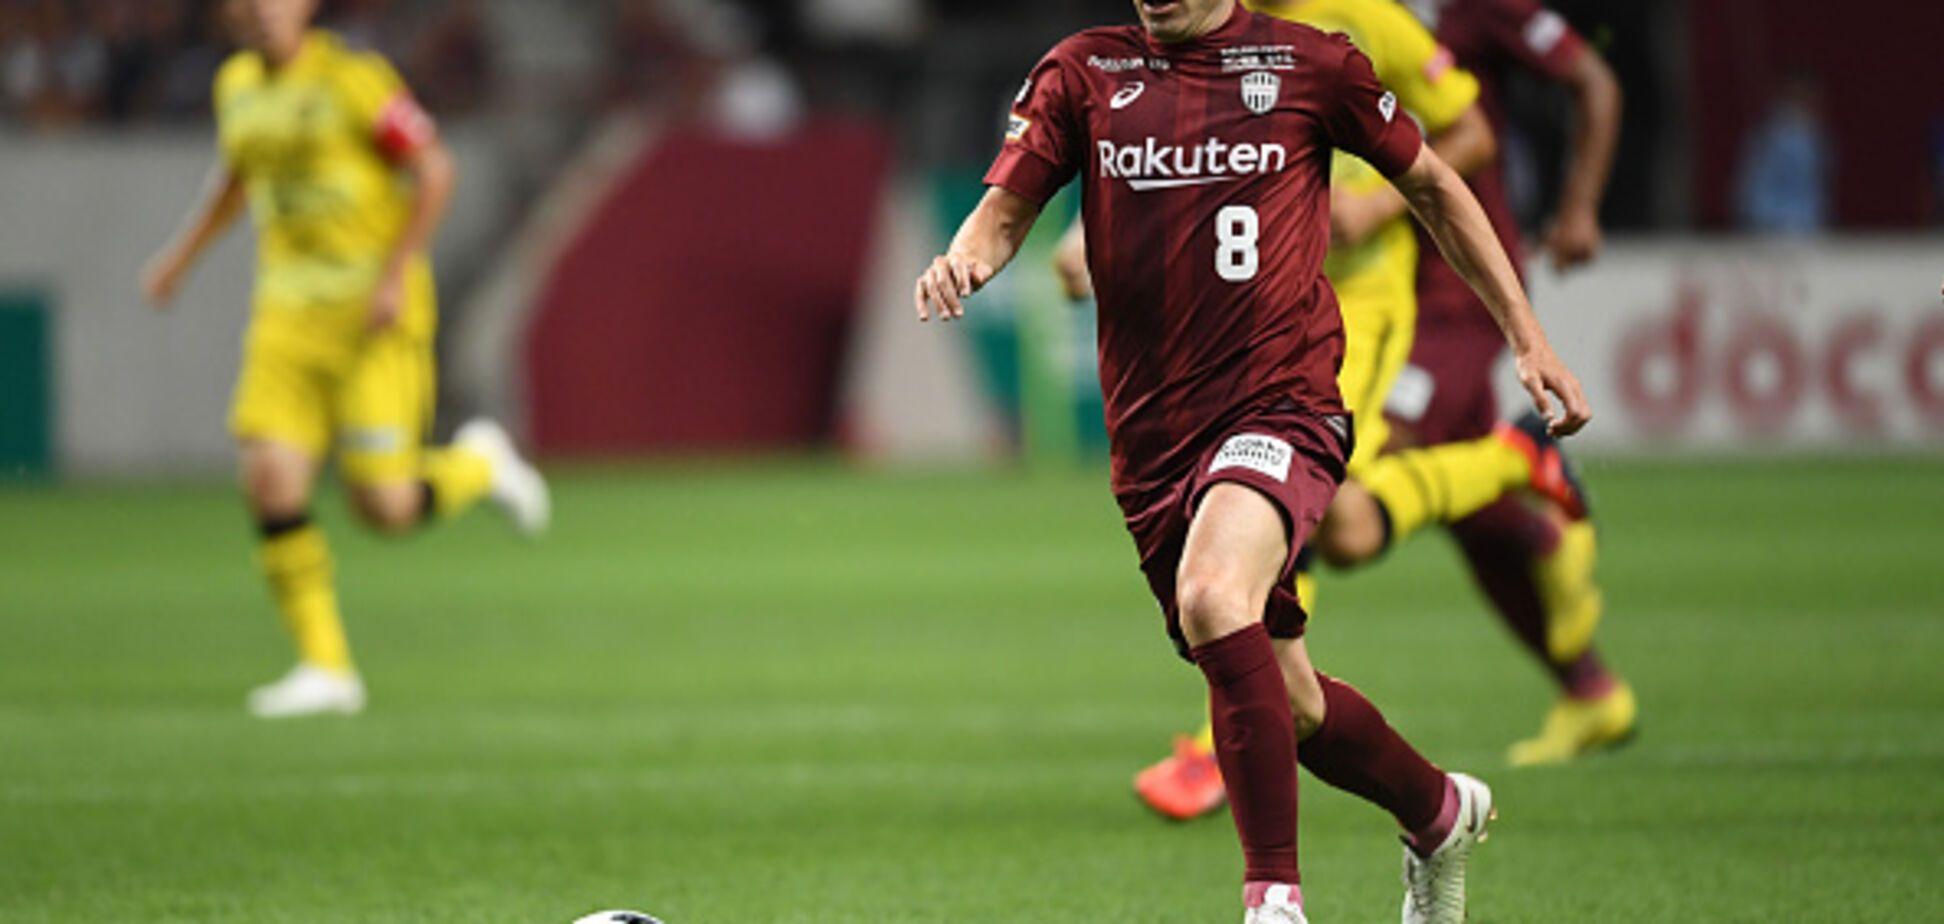 Иньеста забил дебютный гол-шедевр в Японии, повторив гениальный трюк Беркампа